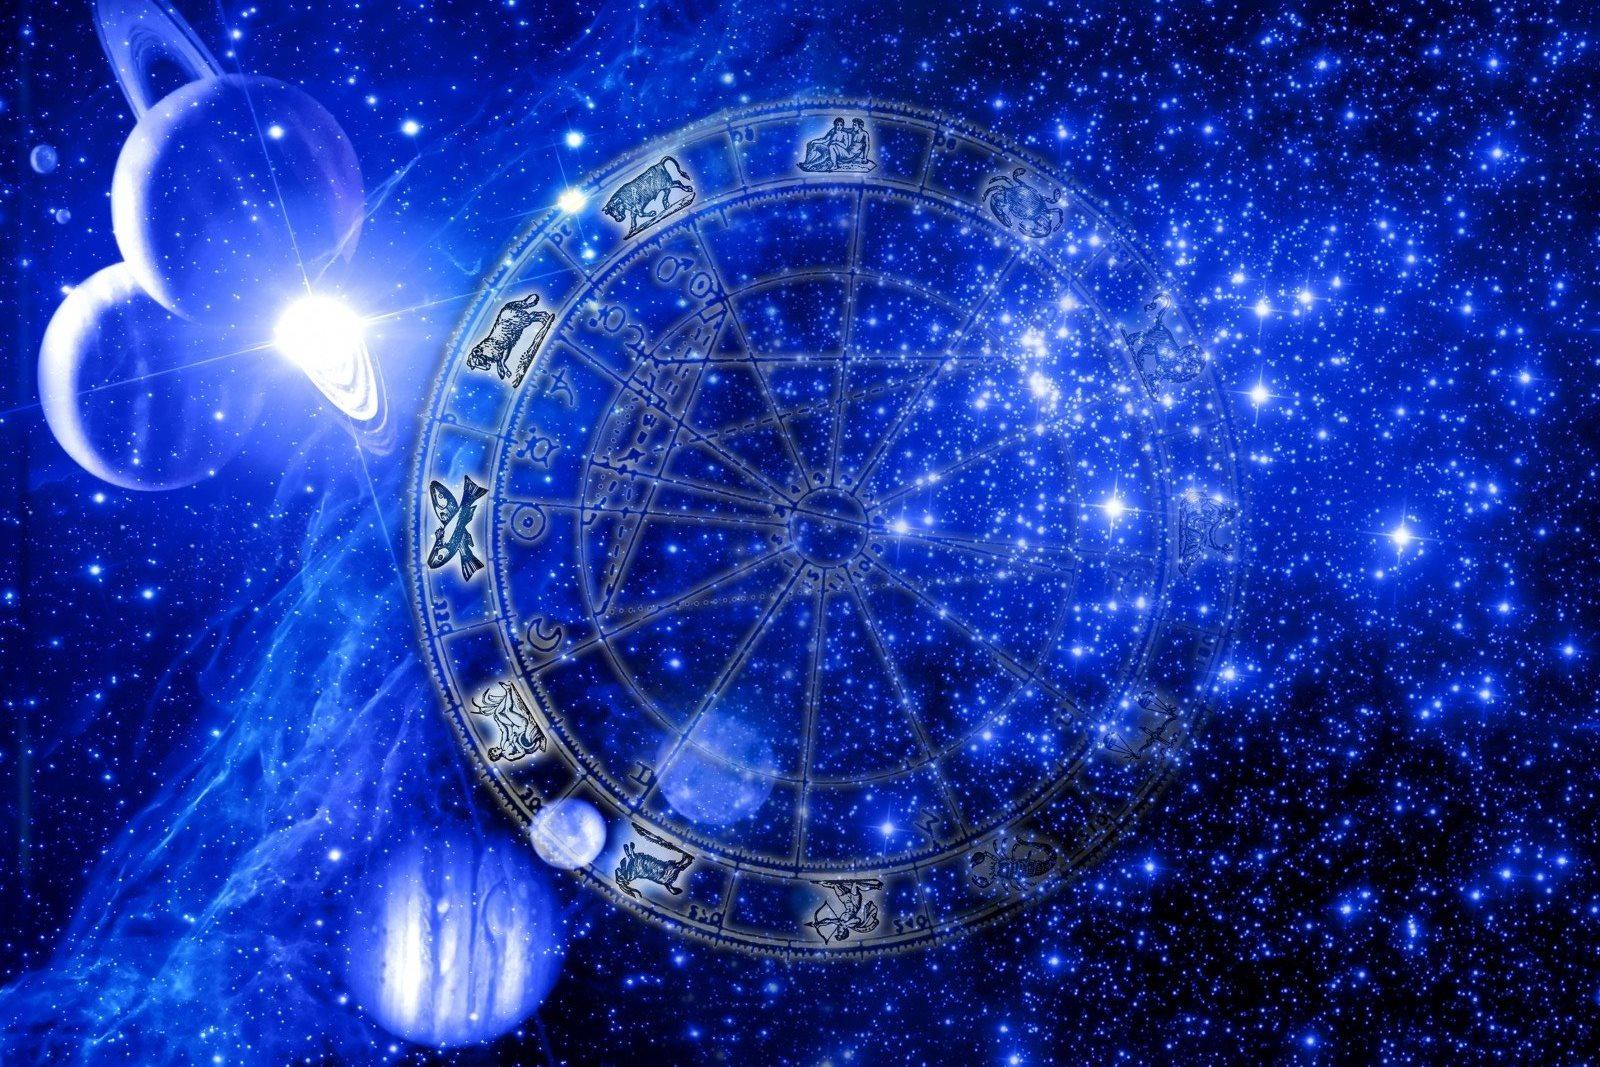 Планета уран в астрологии — за что отвечает и его значение